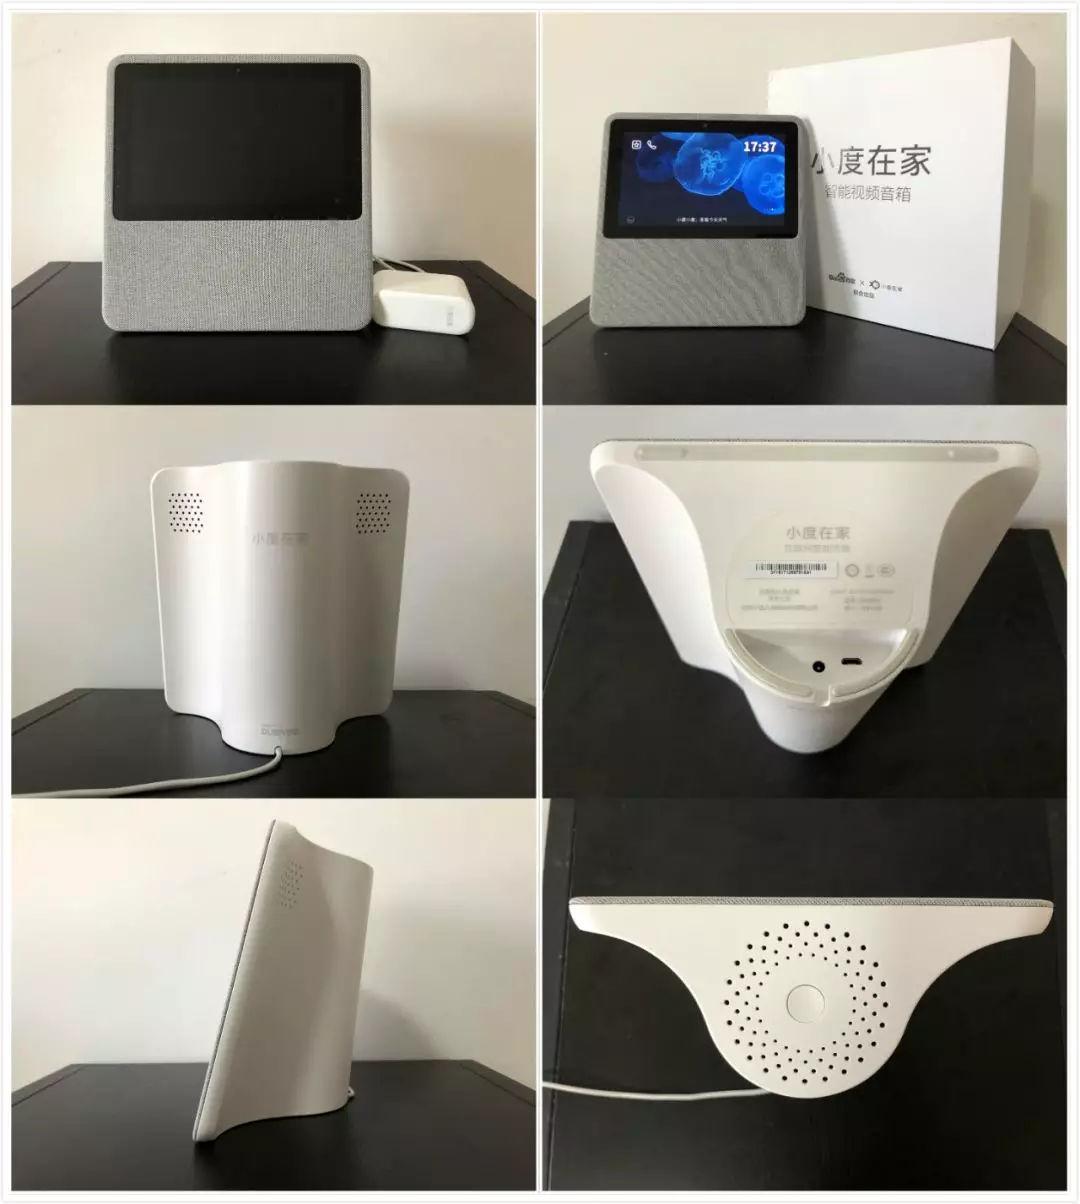 小度在家体验:可能是最适合家庭使用的AI音箱